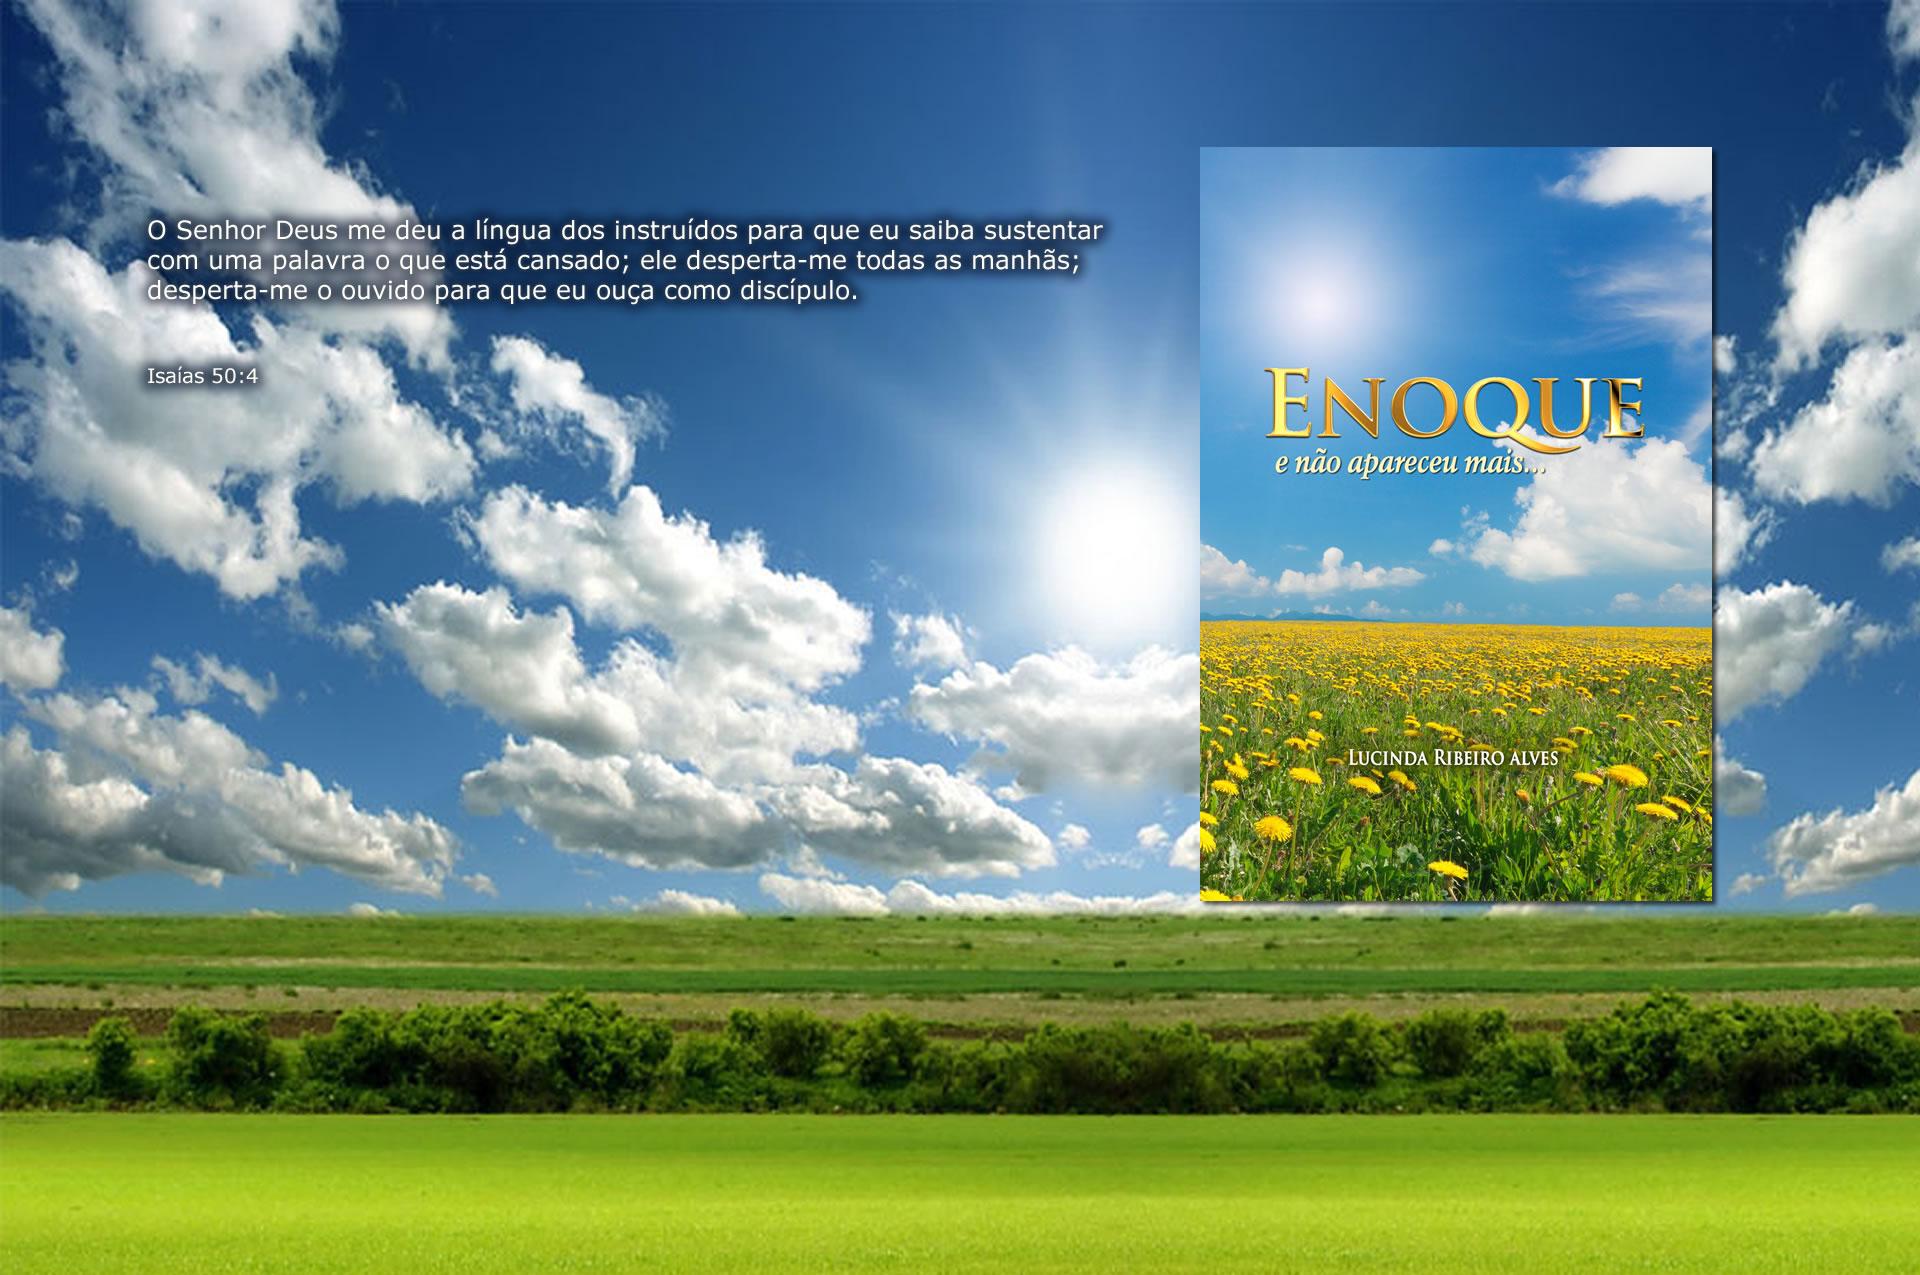 Enoque